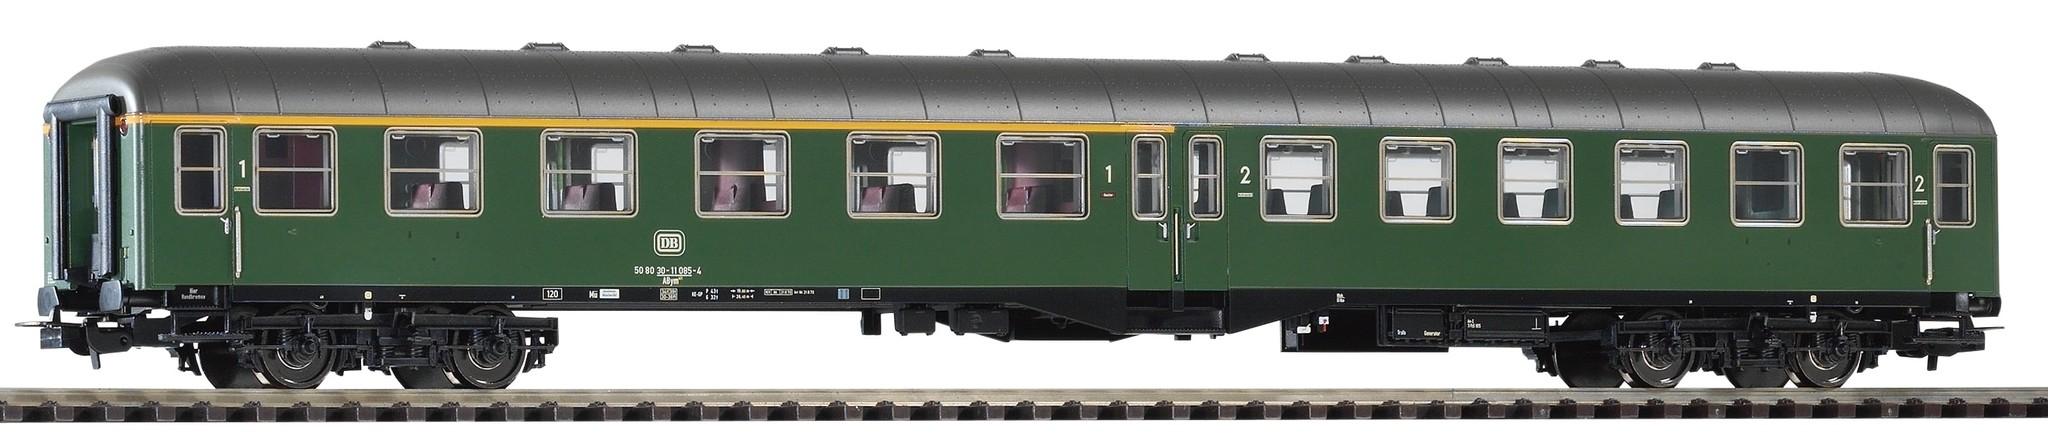 59681 Mitteleinstiegswagen 1/2. Kl-1